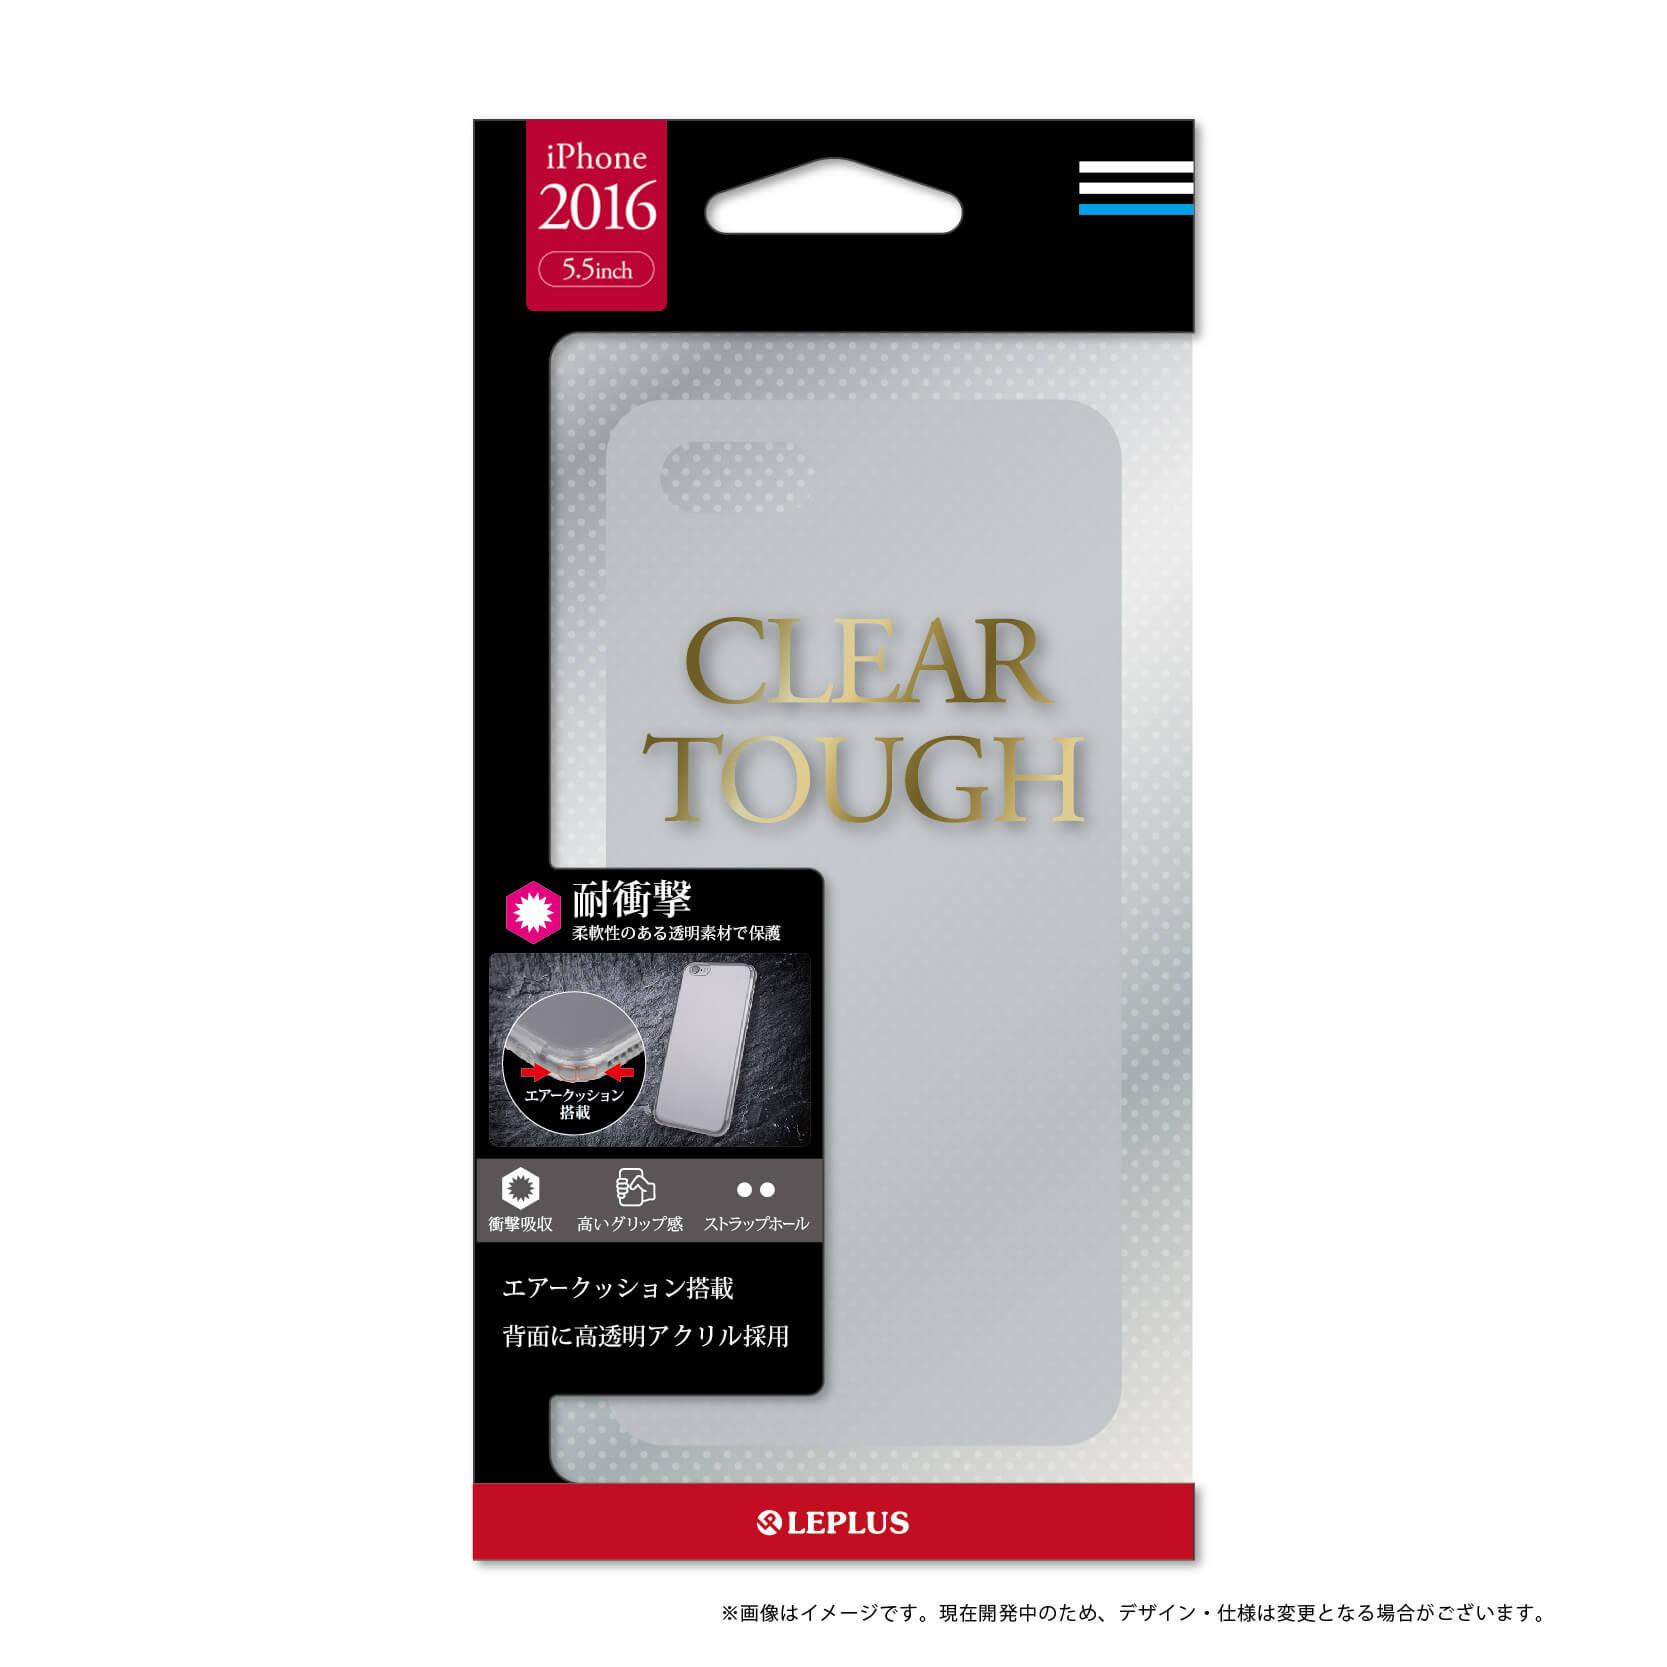 iPhone7 Plus 耐衝撃クリアケース「CLEAR TOUGH」 クリアブラック